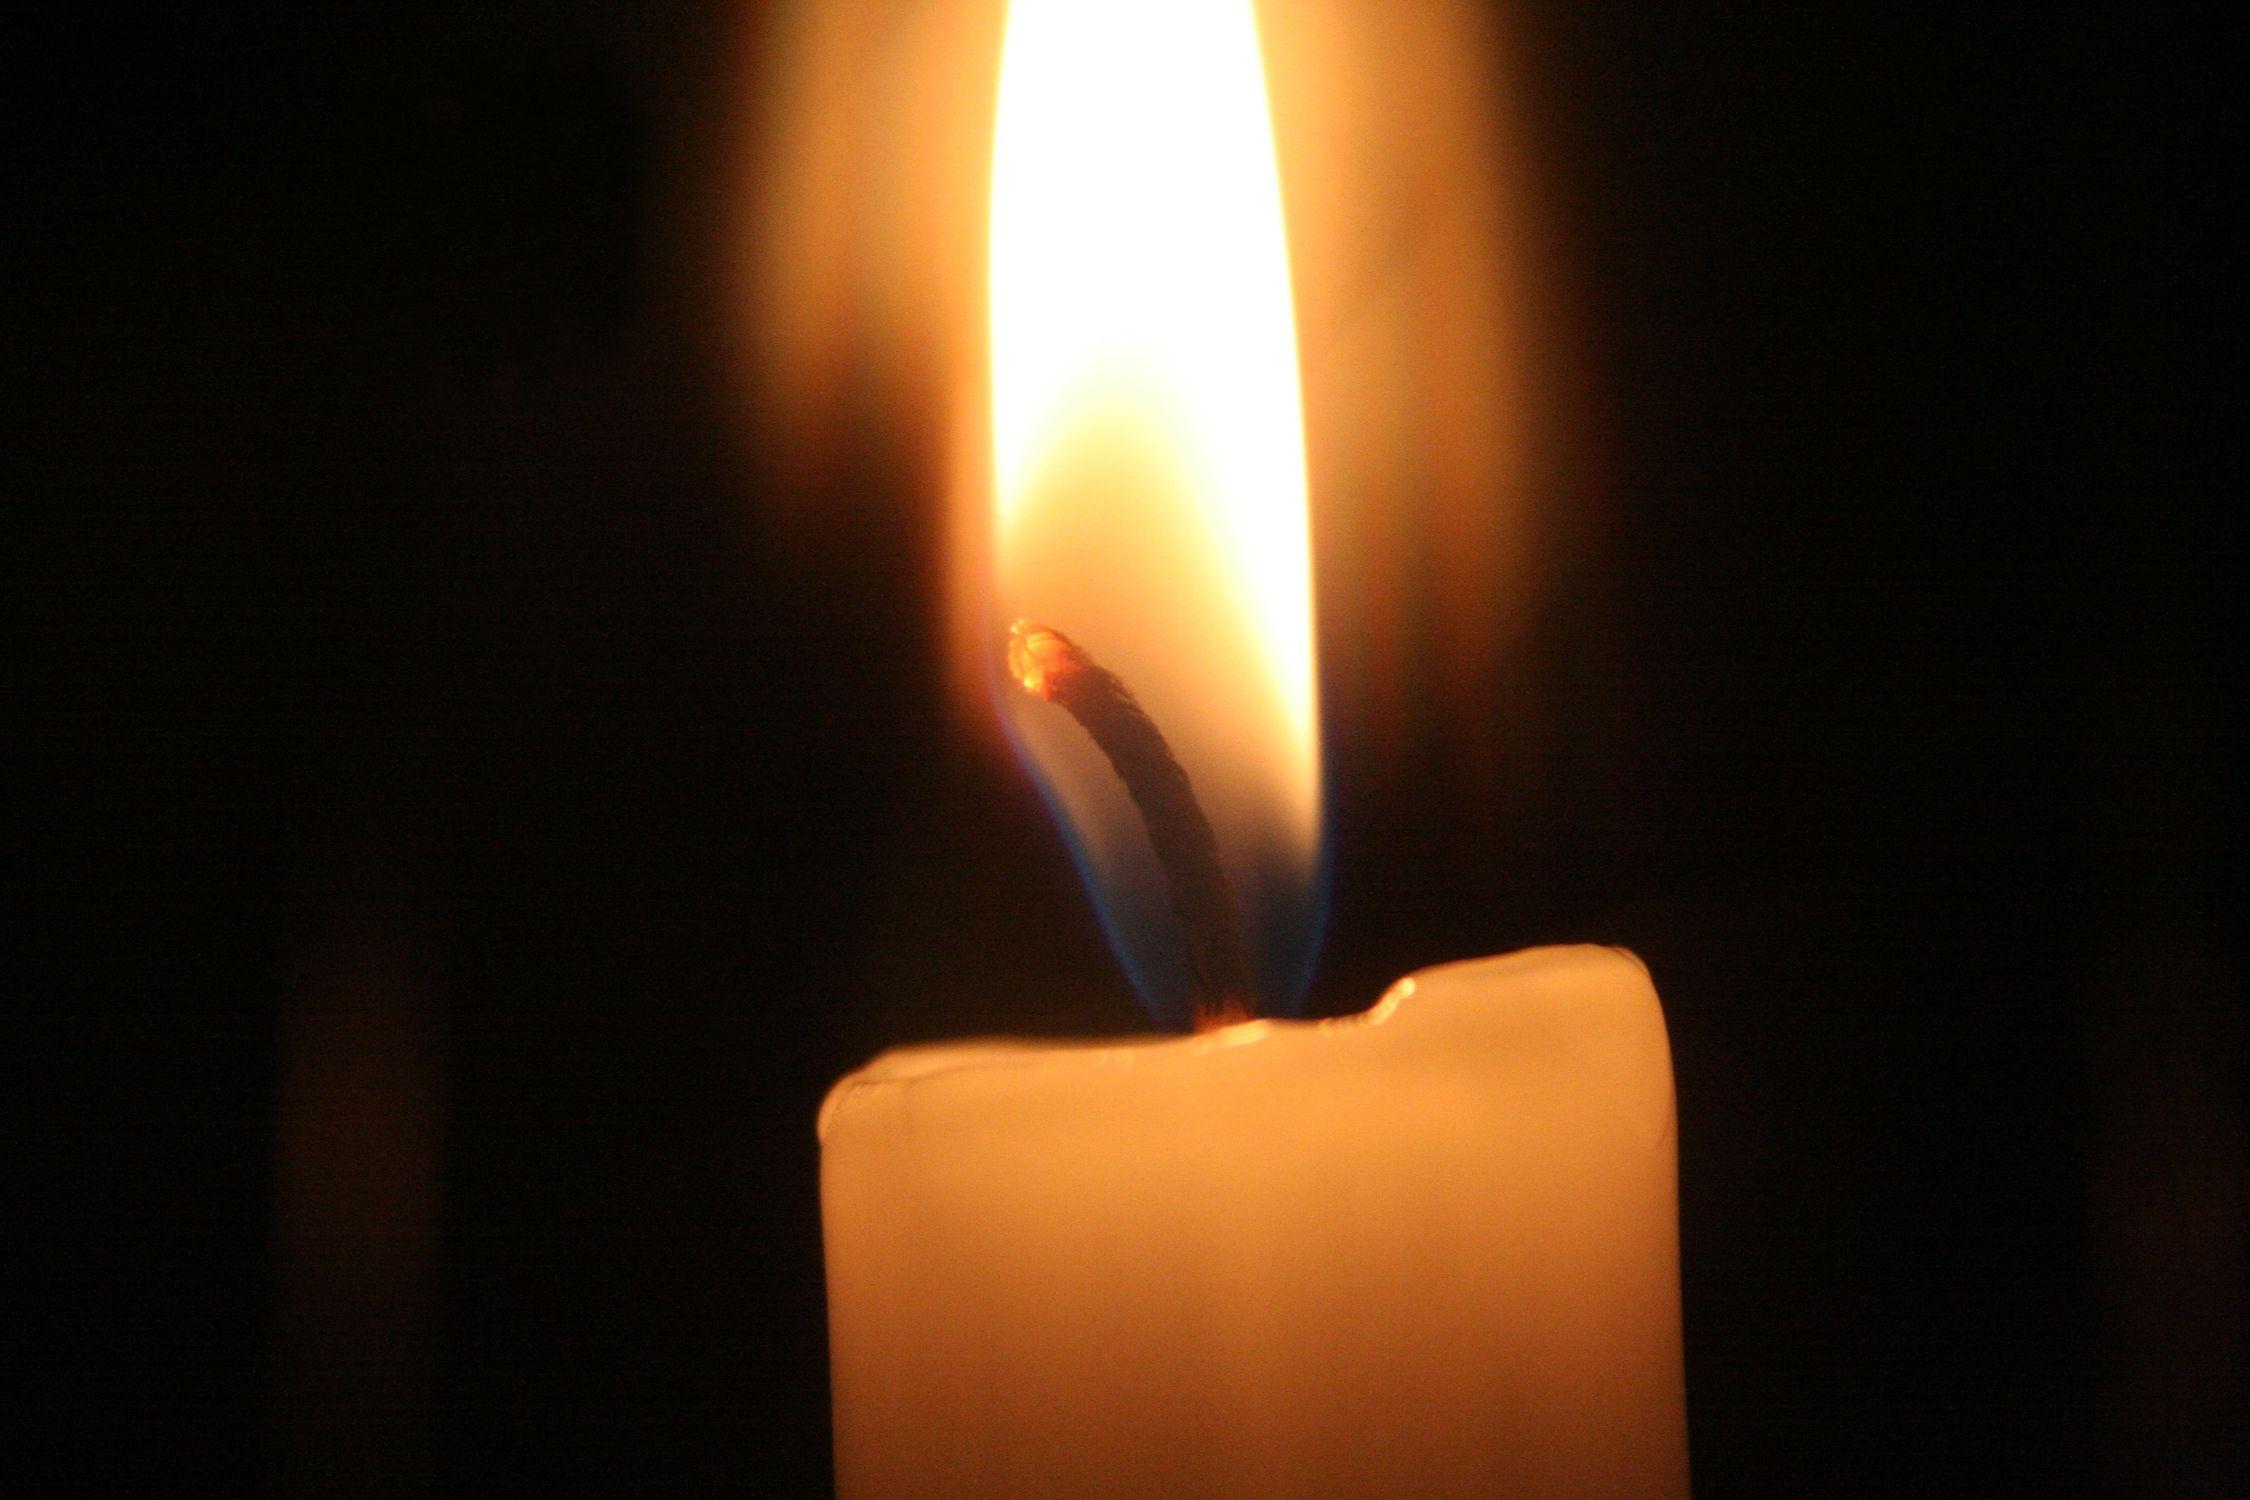 Bild mit Natur, Elemente, Himmel, Feuer, Flammen, Dunkelheit, Kerze, Kerzen, Kerzenlicht, romantik, Kerzenschein, Meditation, candel, candel light, light, Licht